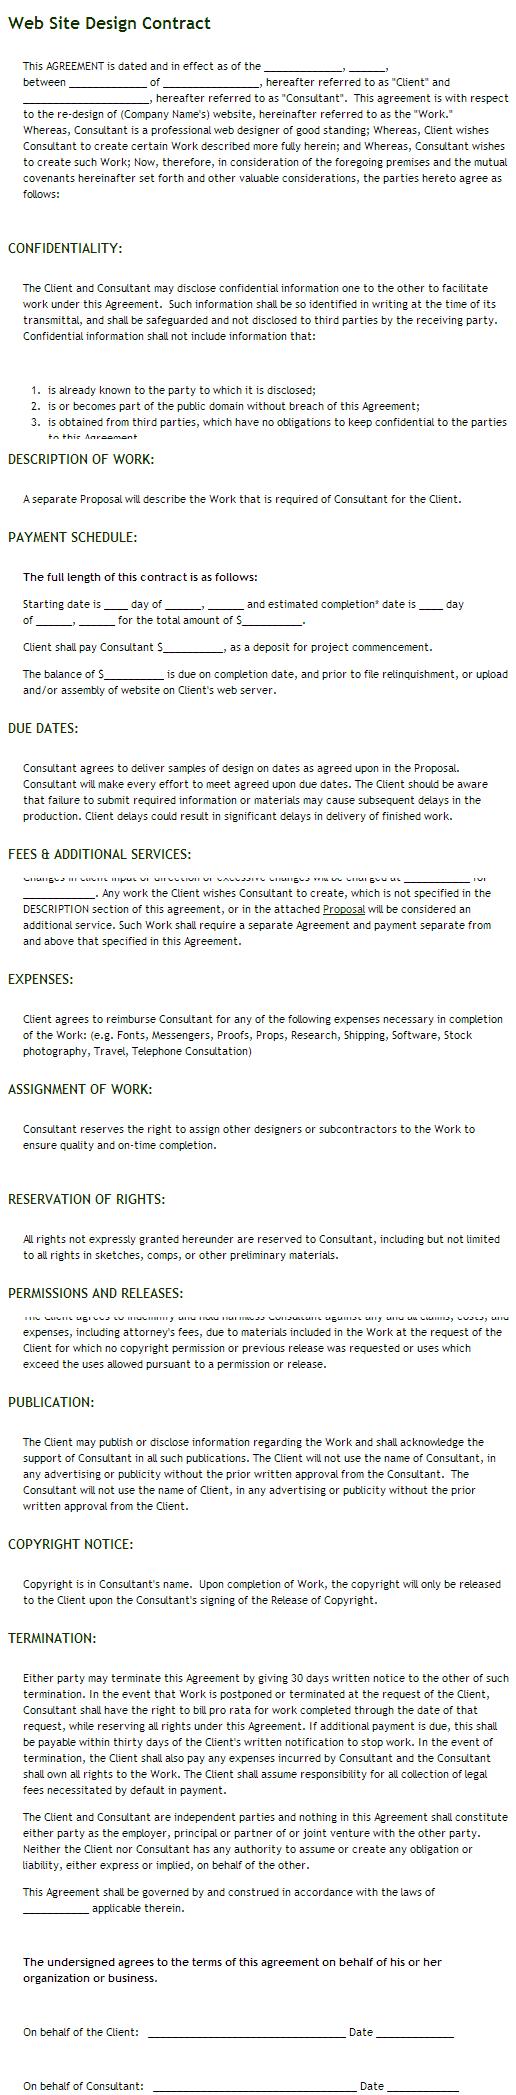 Website designer job contract template